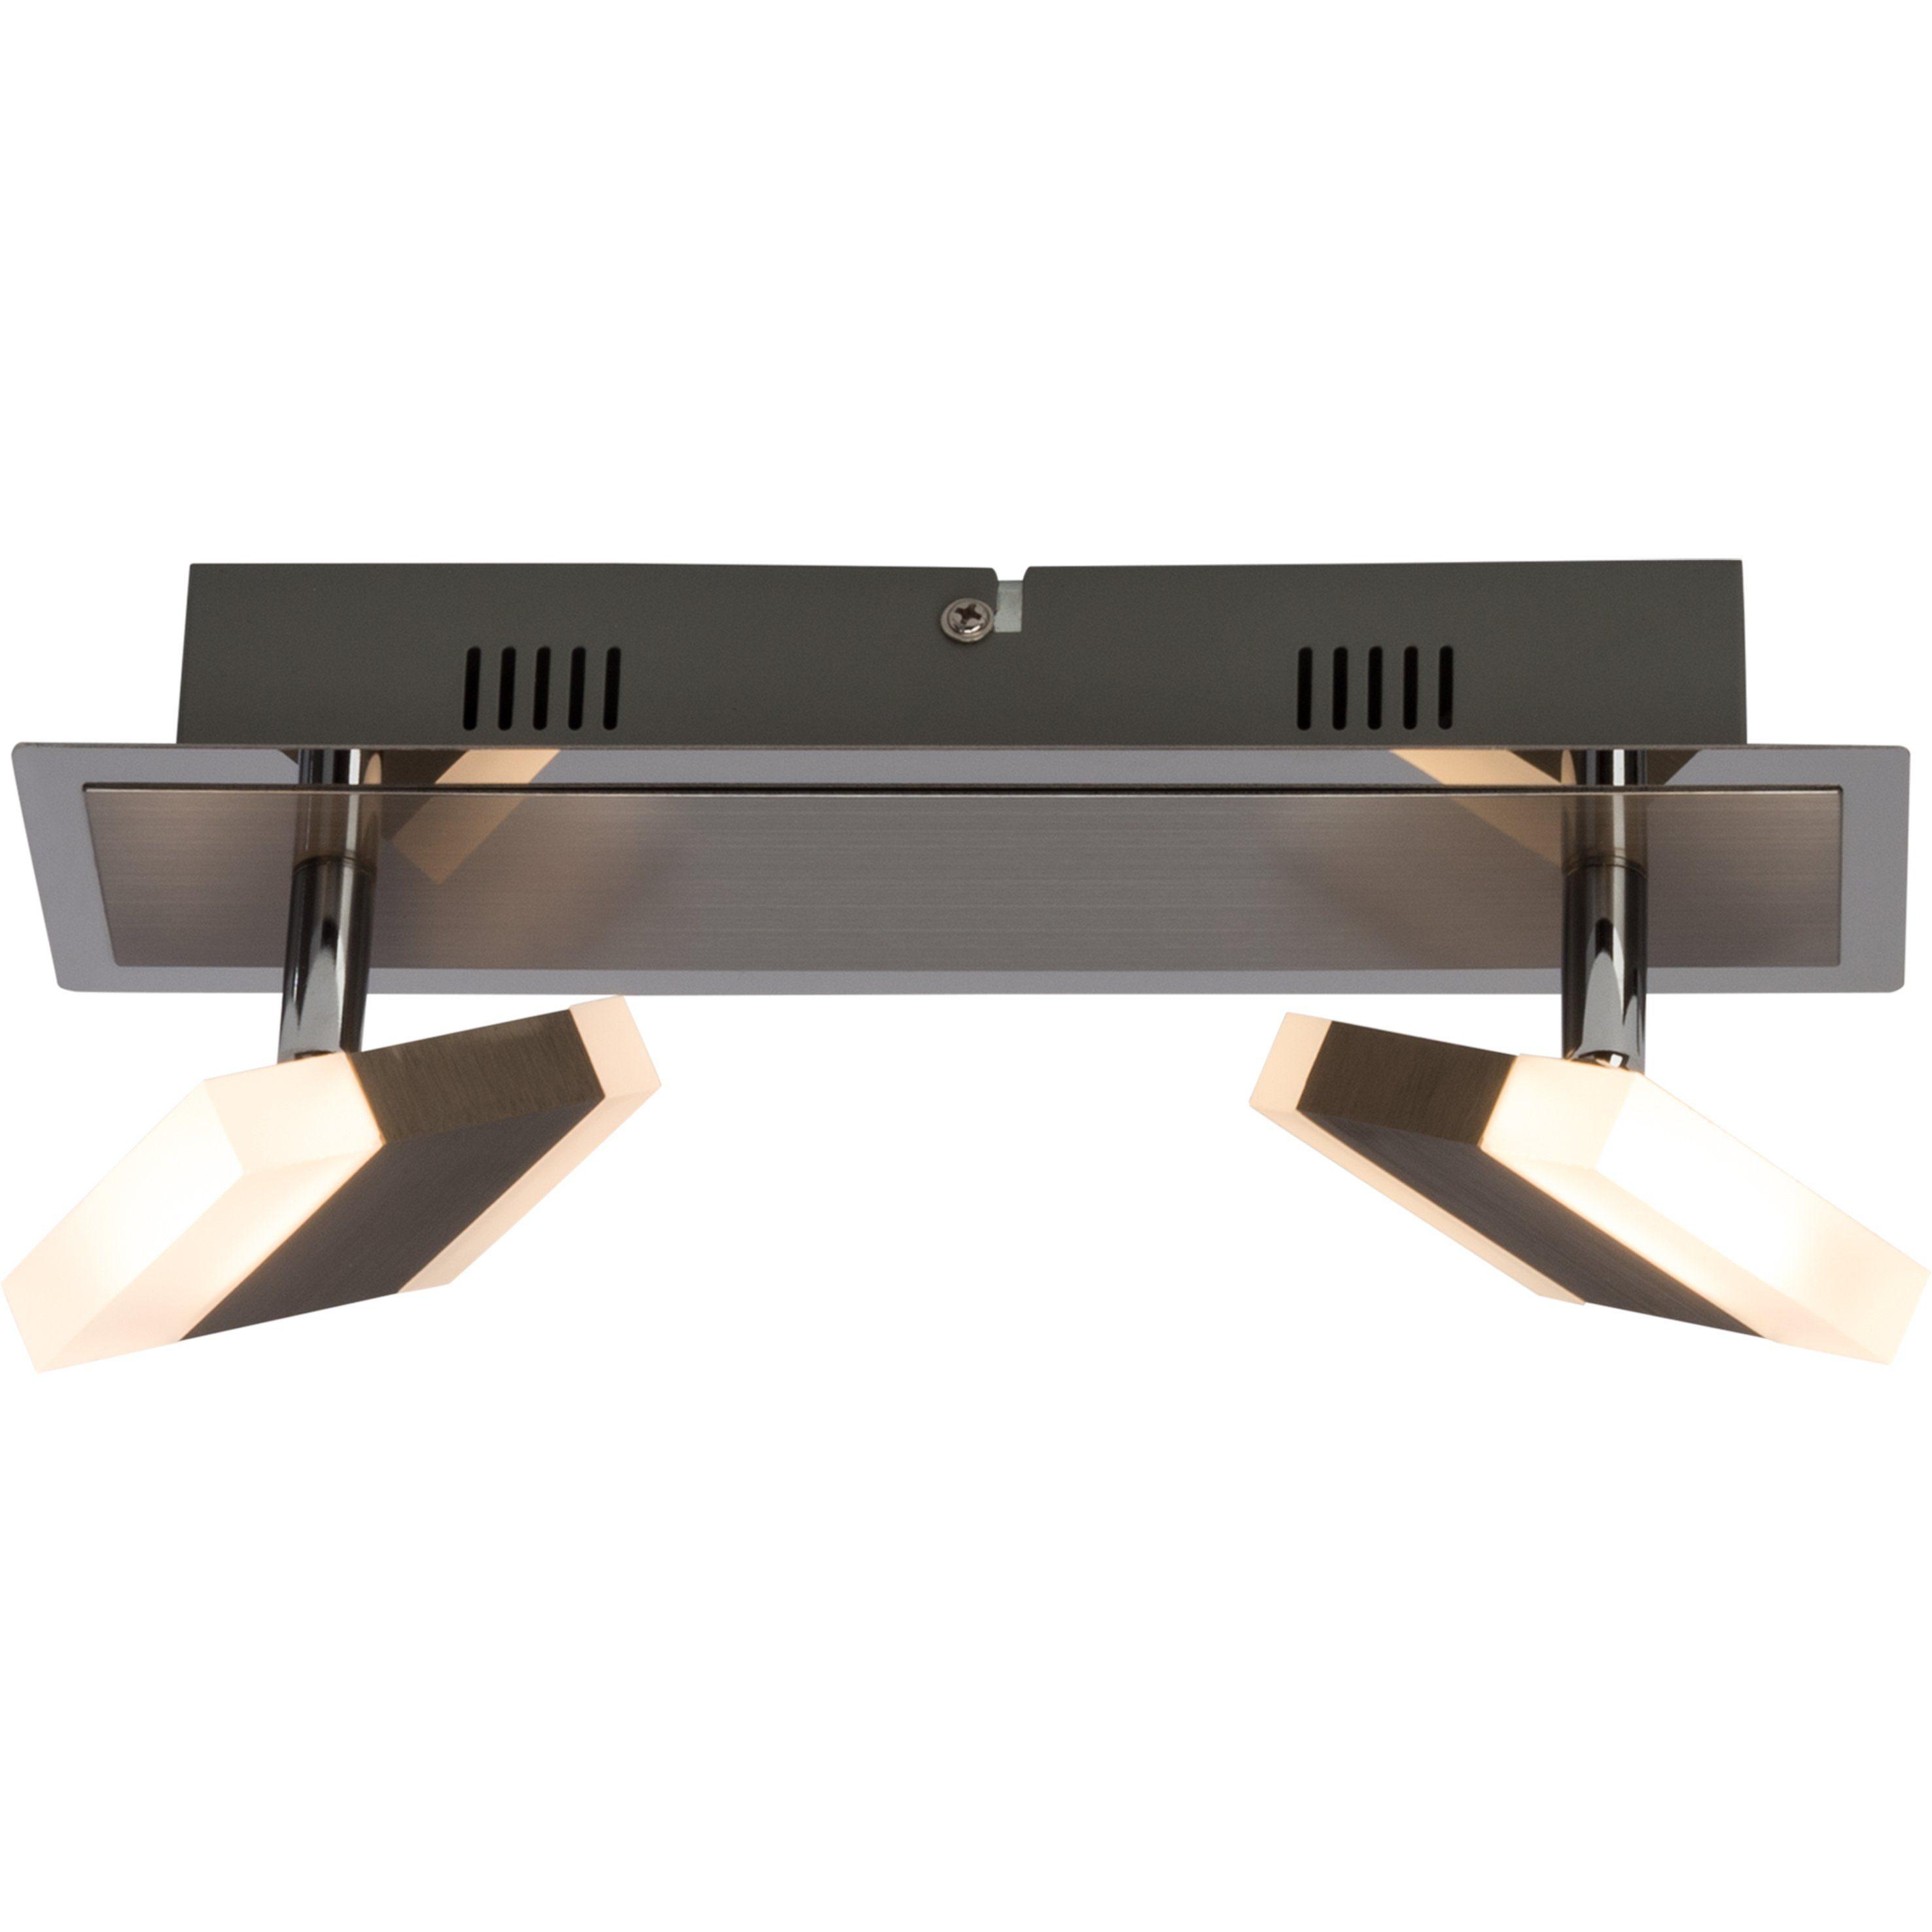 Brilliant Leuchten Target LED Spotbalken, 2-flammig nickel/chrom